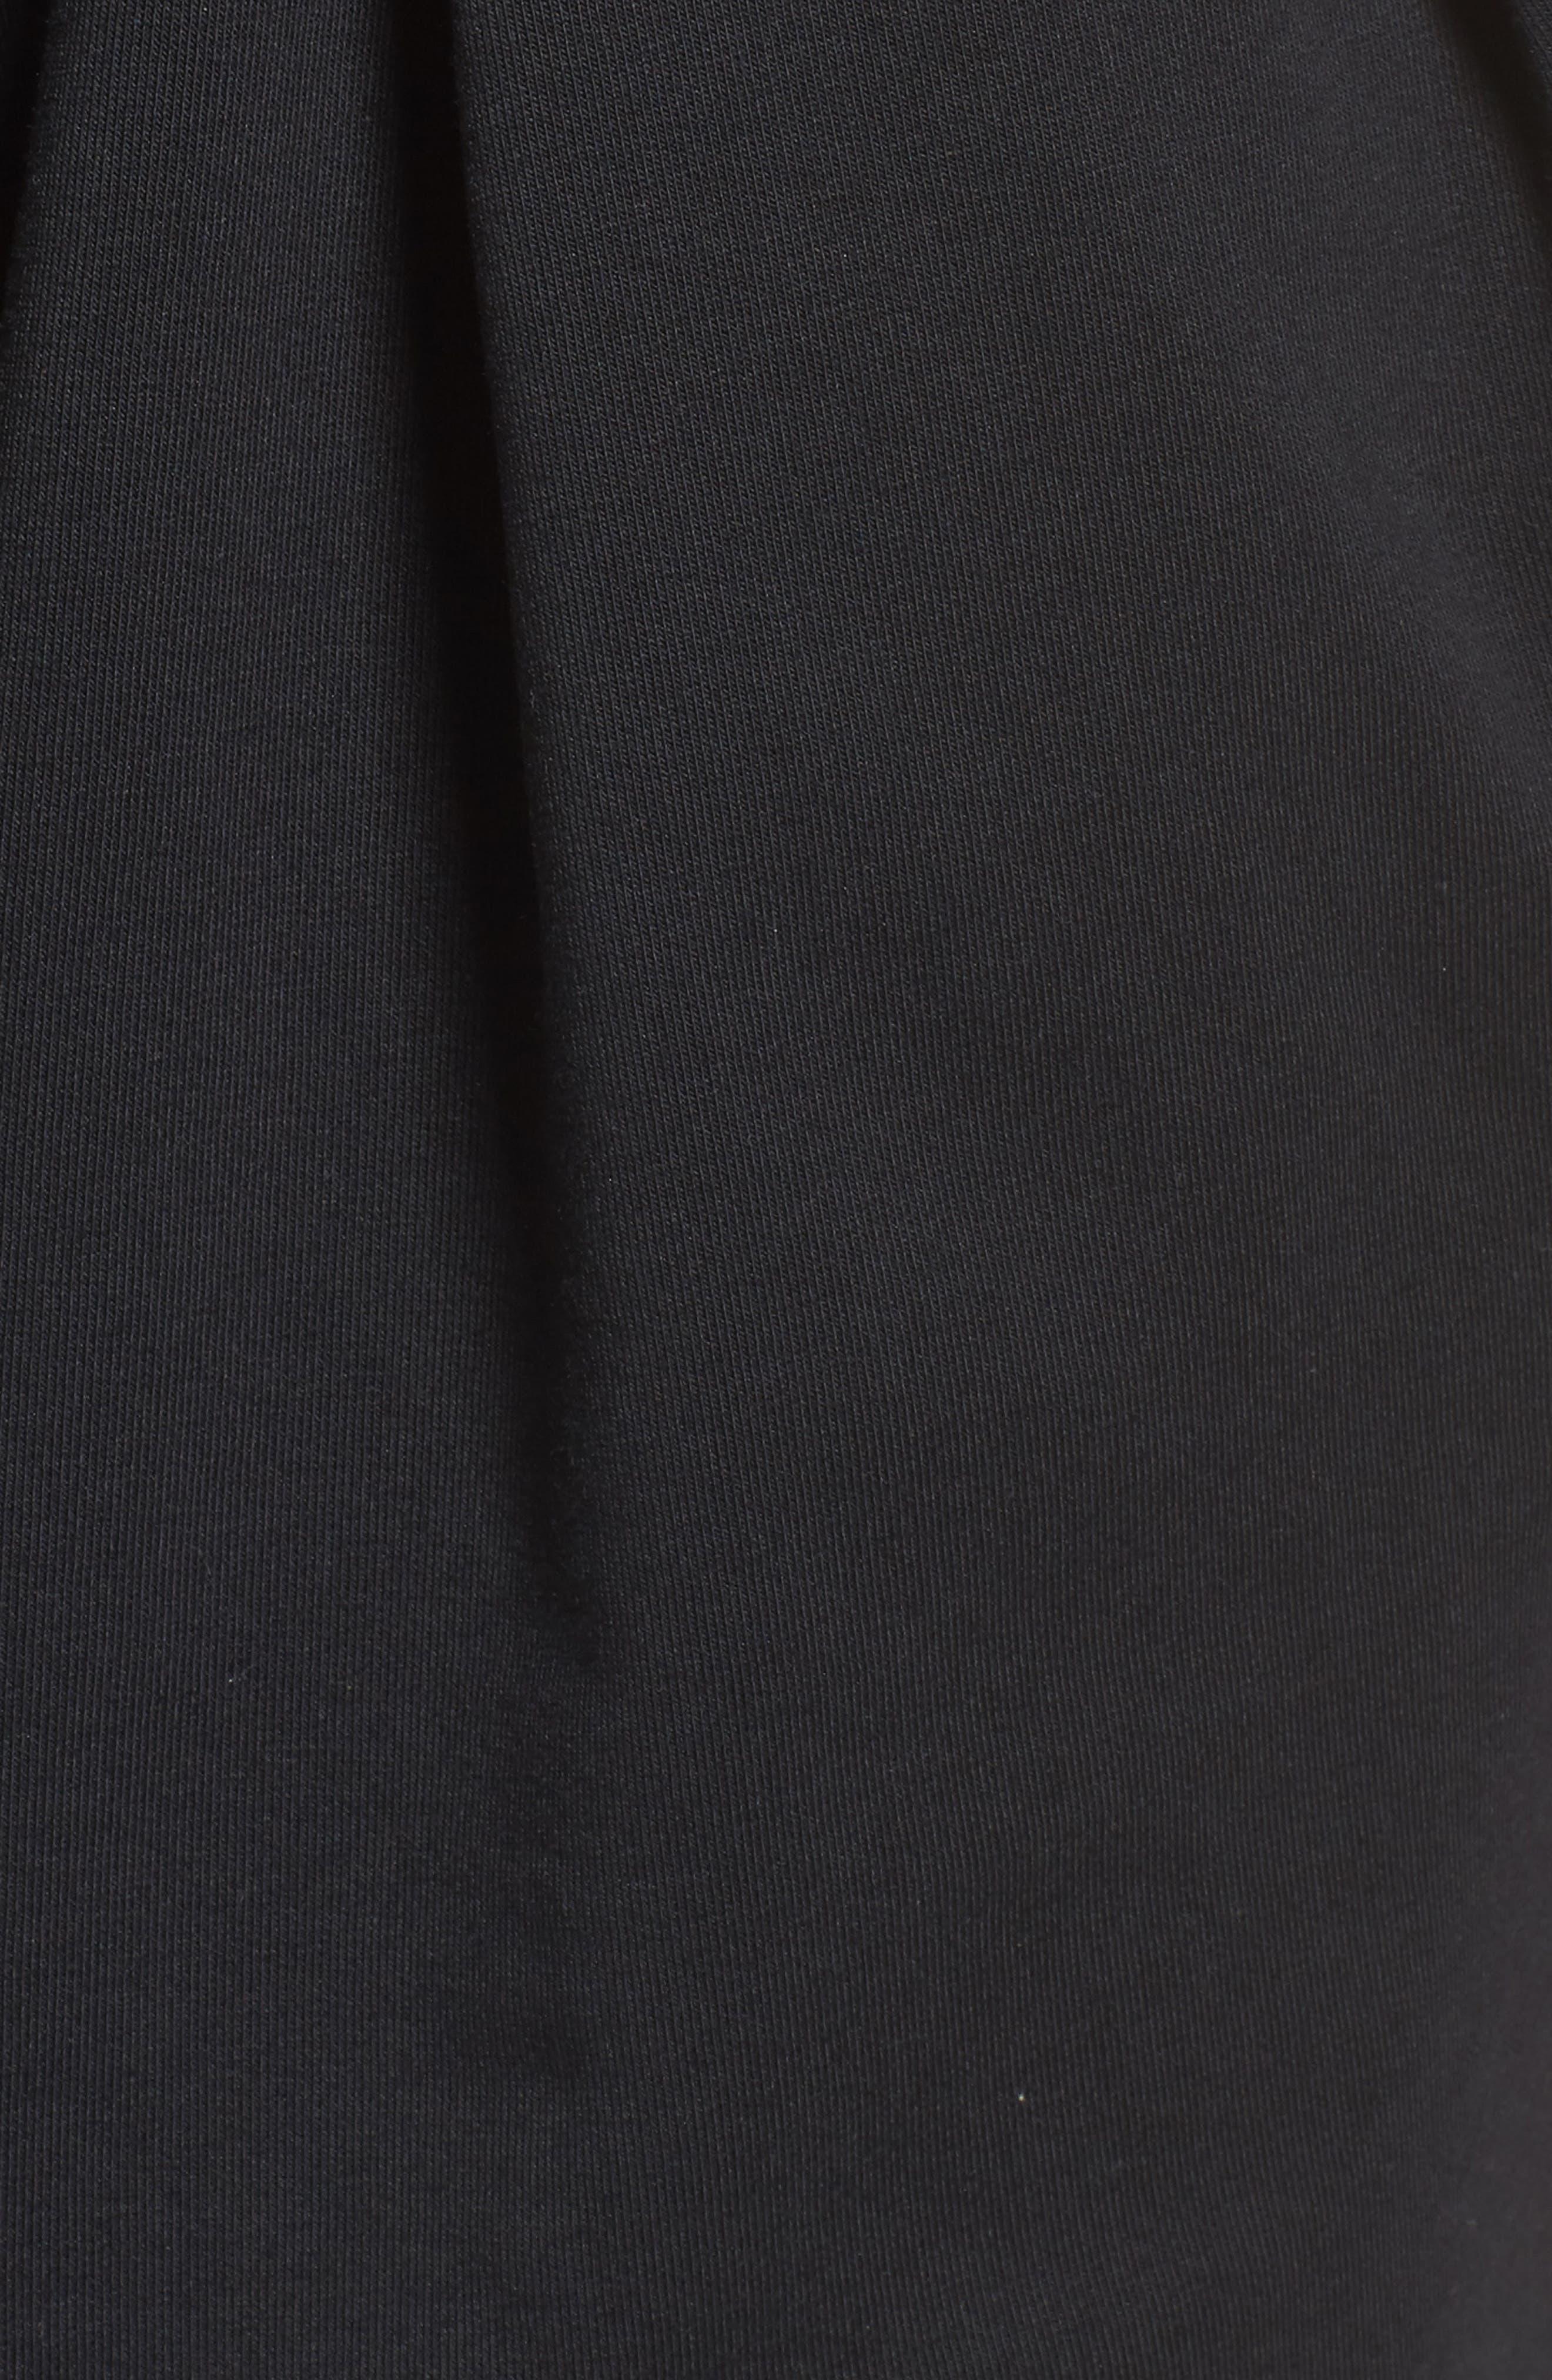 Trouser Sweatpants,                             Alternate thumbnail 6, color,                             001